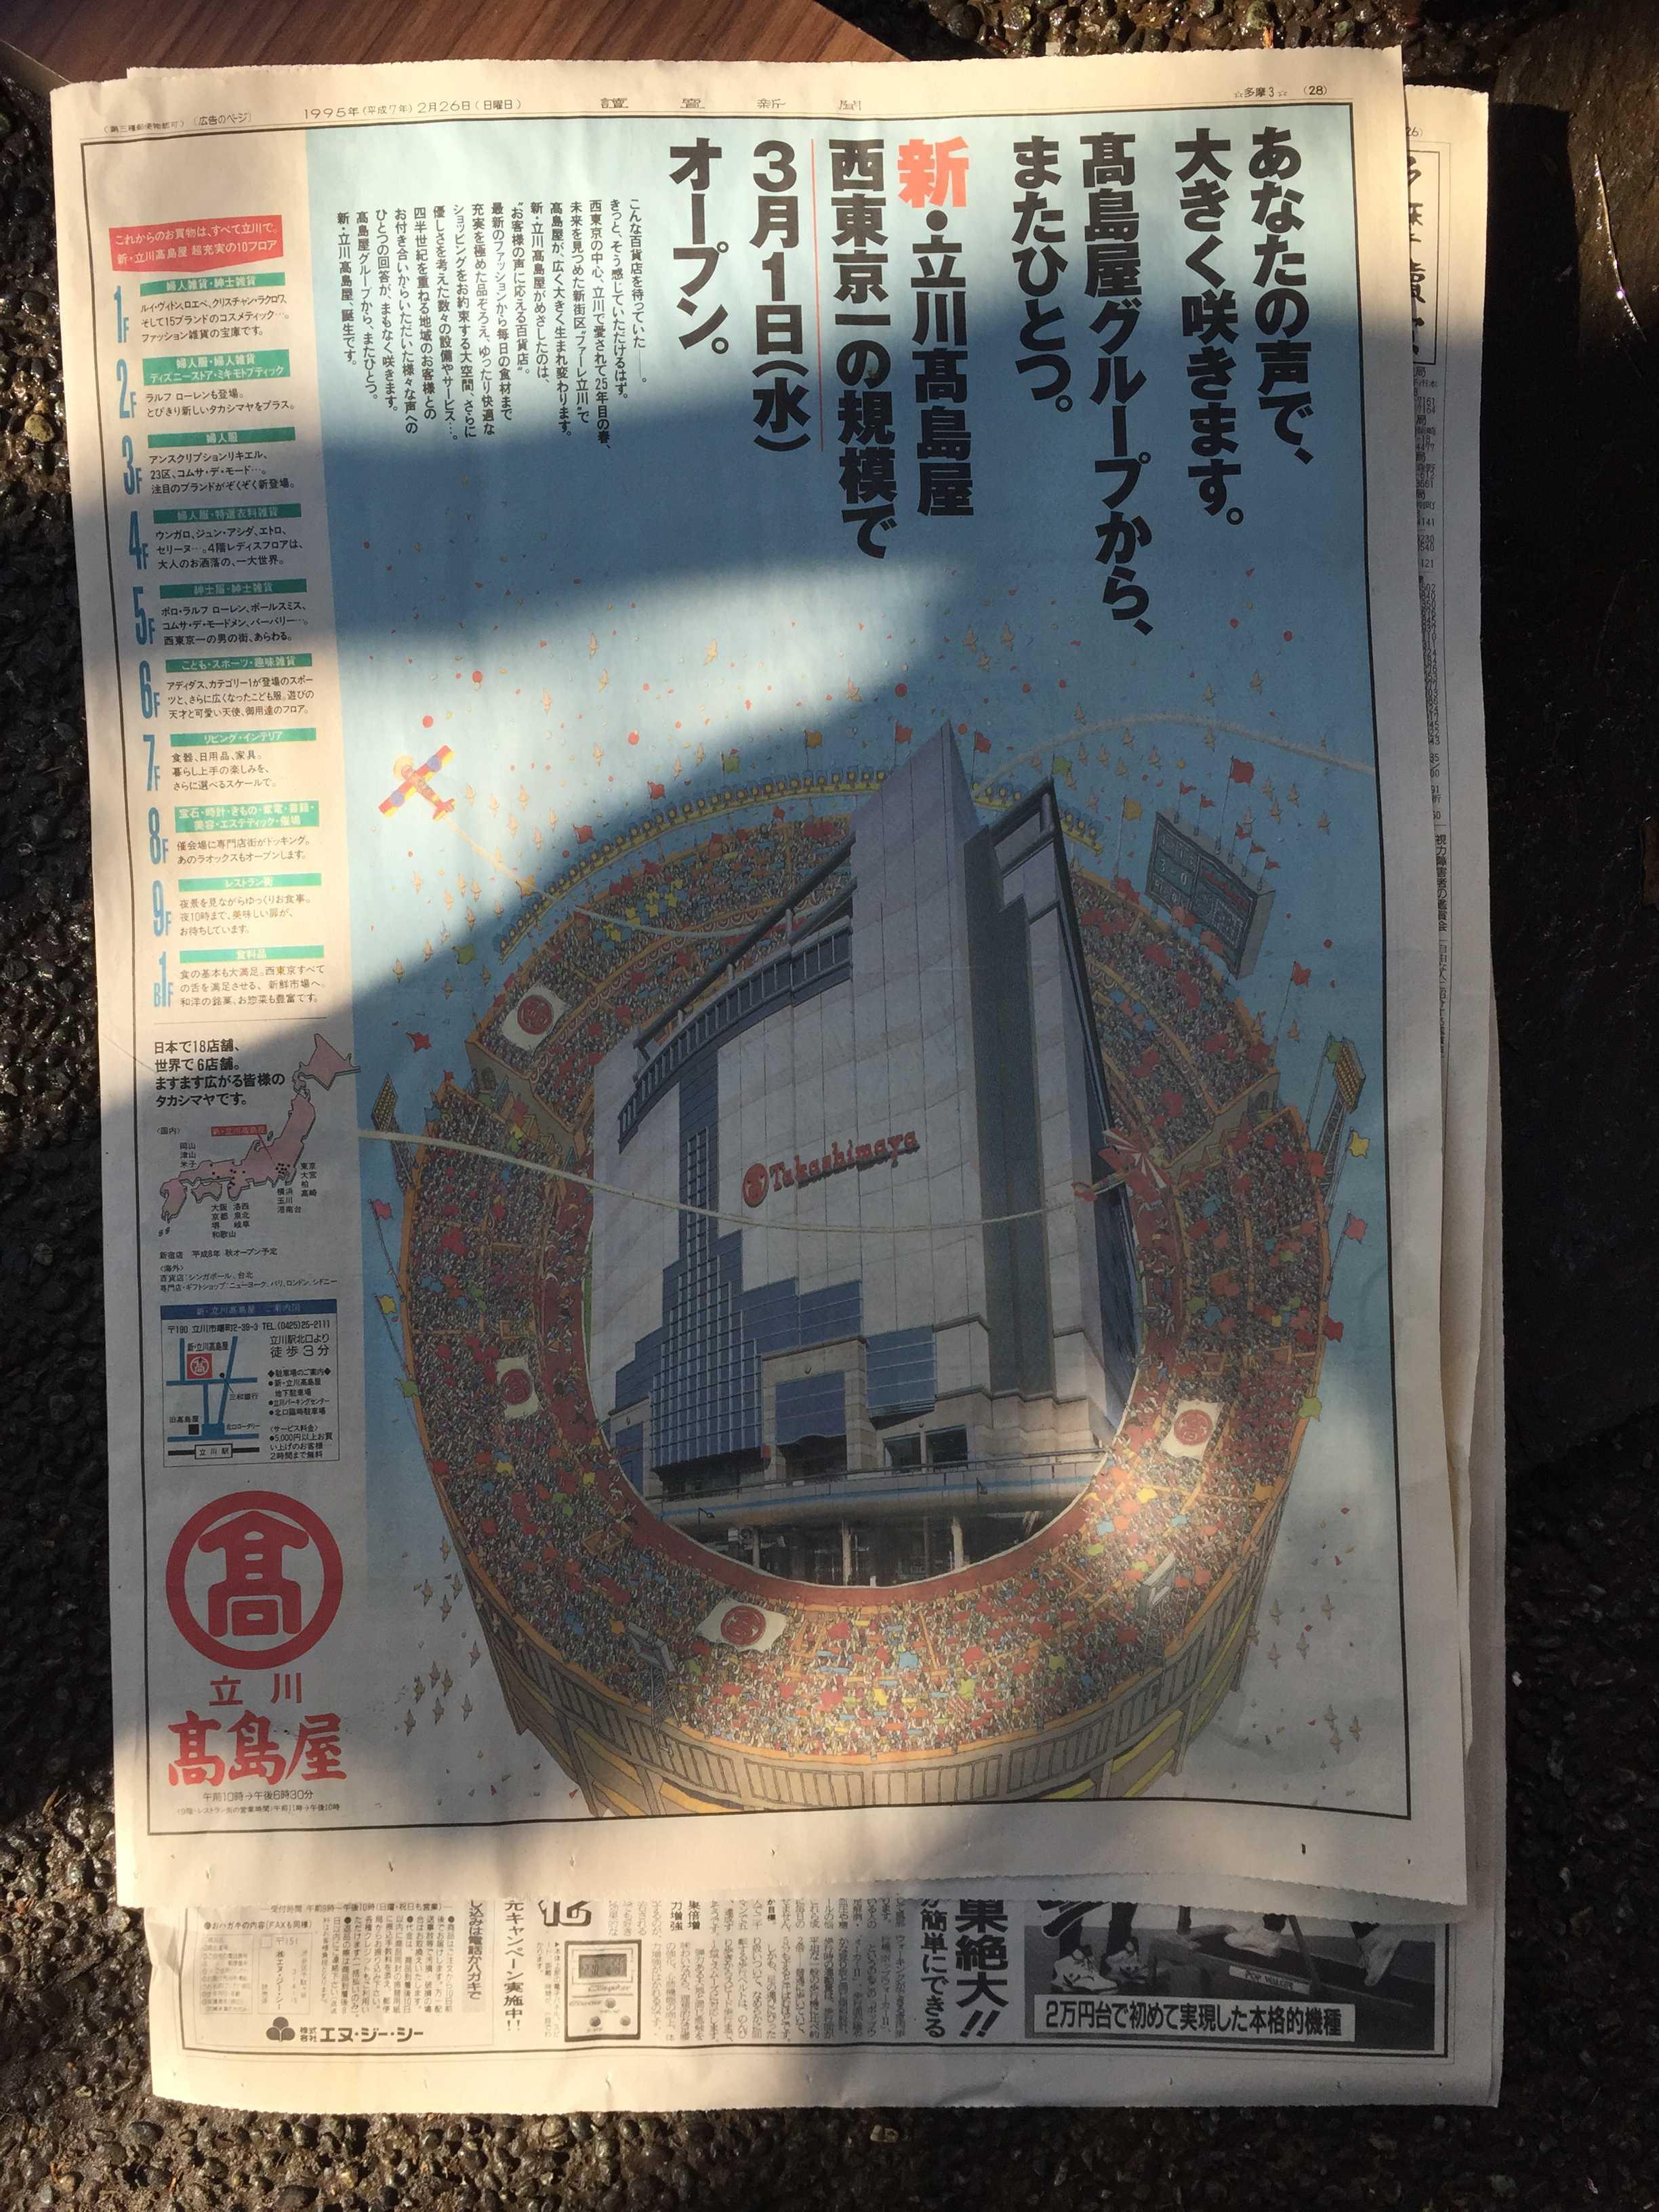 立川高島屋オープン! - 平成7年(1995年)2月26日の読売新聞